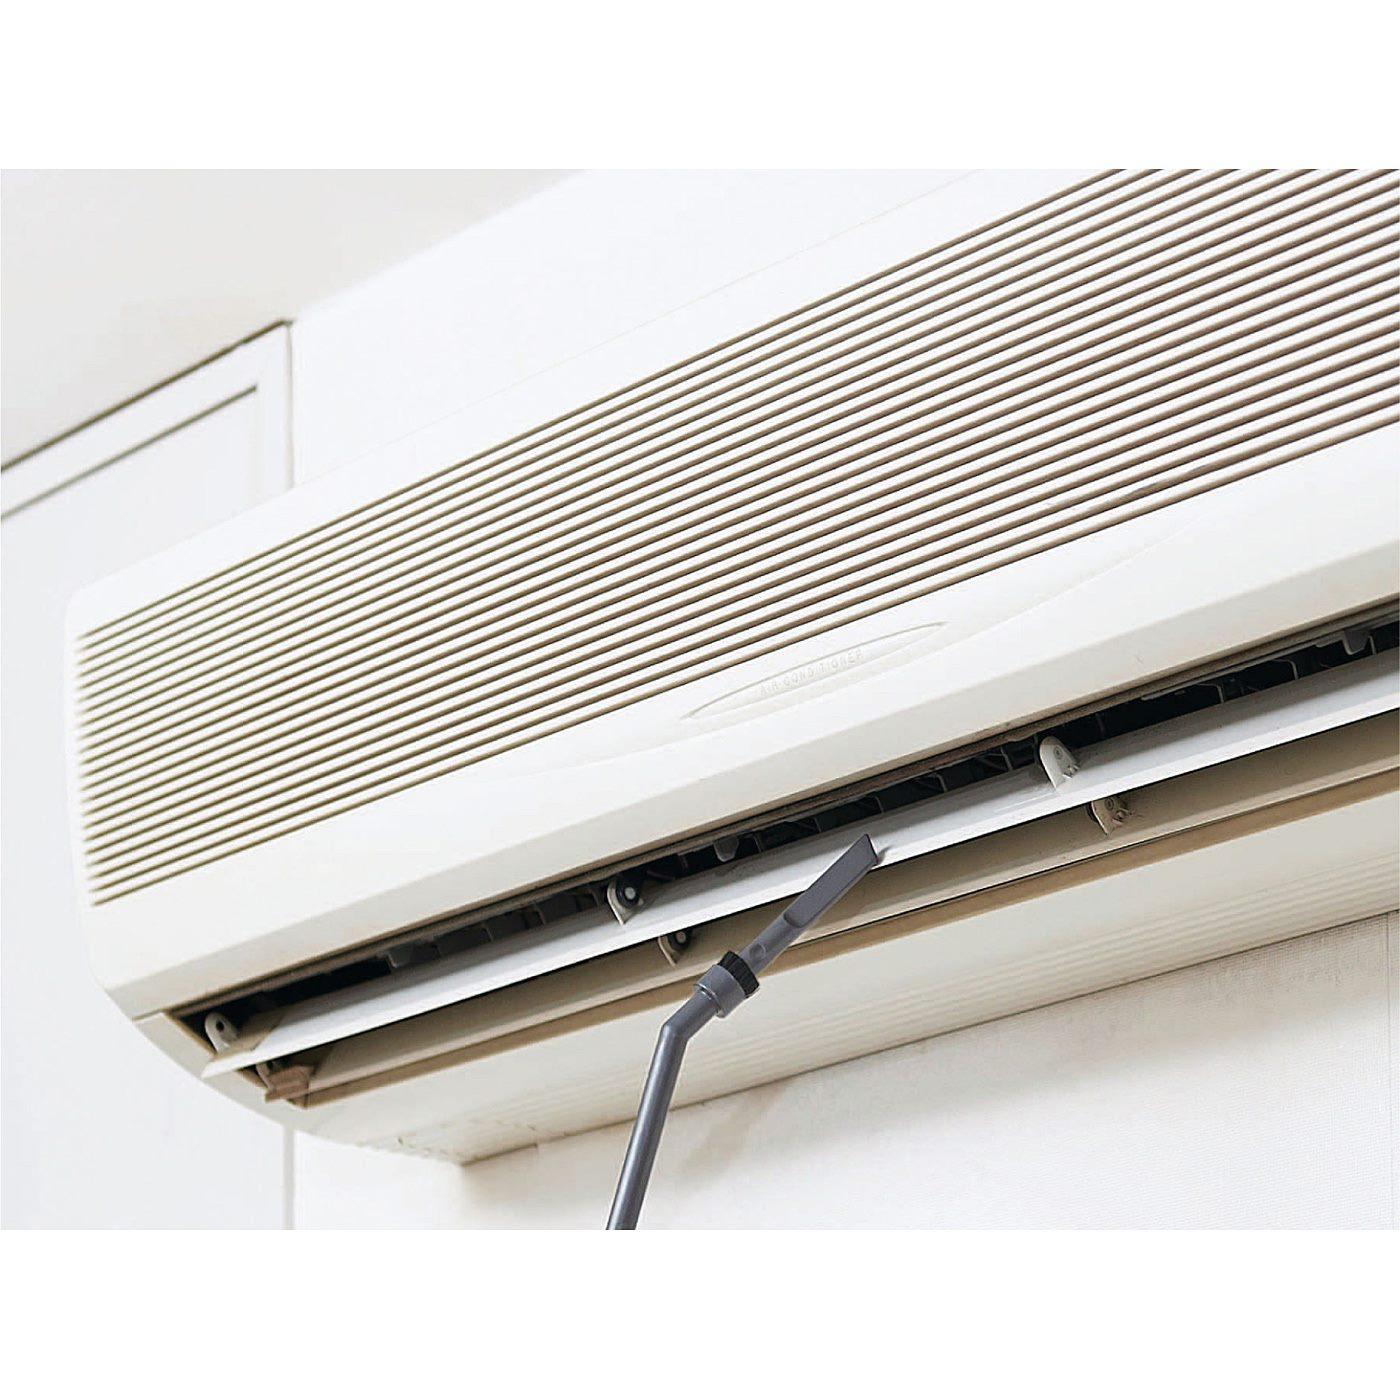 車内、本にたまったほこり、エアコン、窓のサッシの溝など、細いすき間や高い場所の掃除にぴったり。